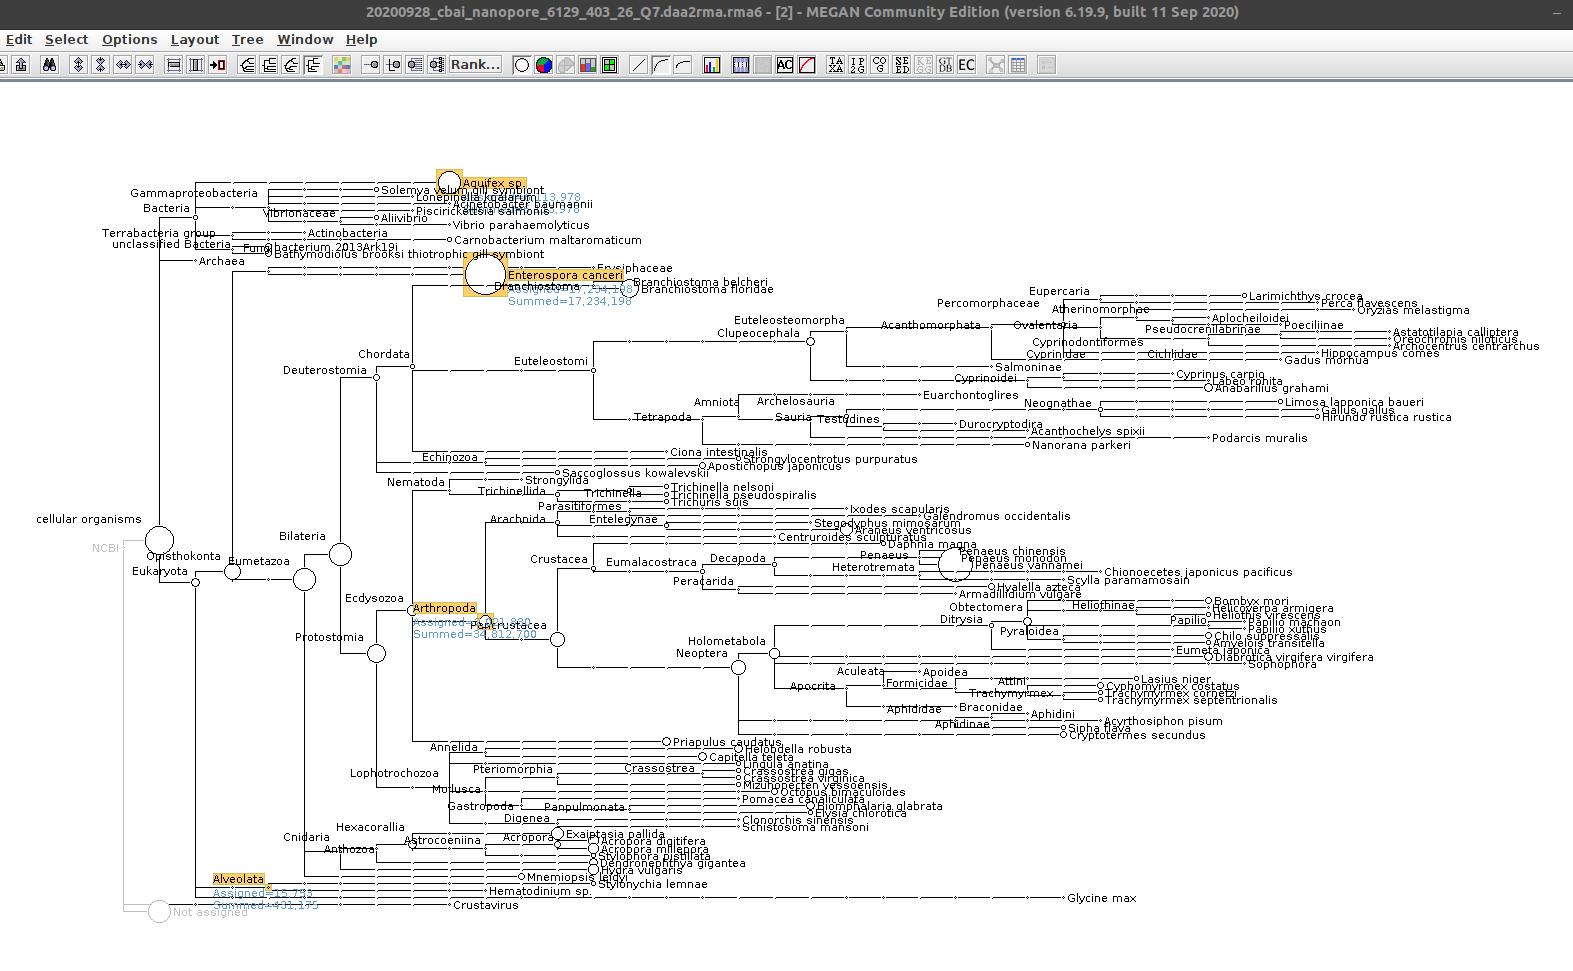 6129-403-26-Q7 MEGAN6 taxonomic assignments